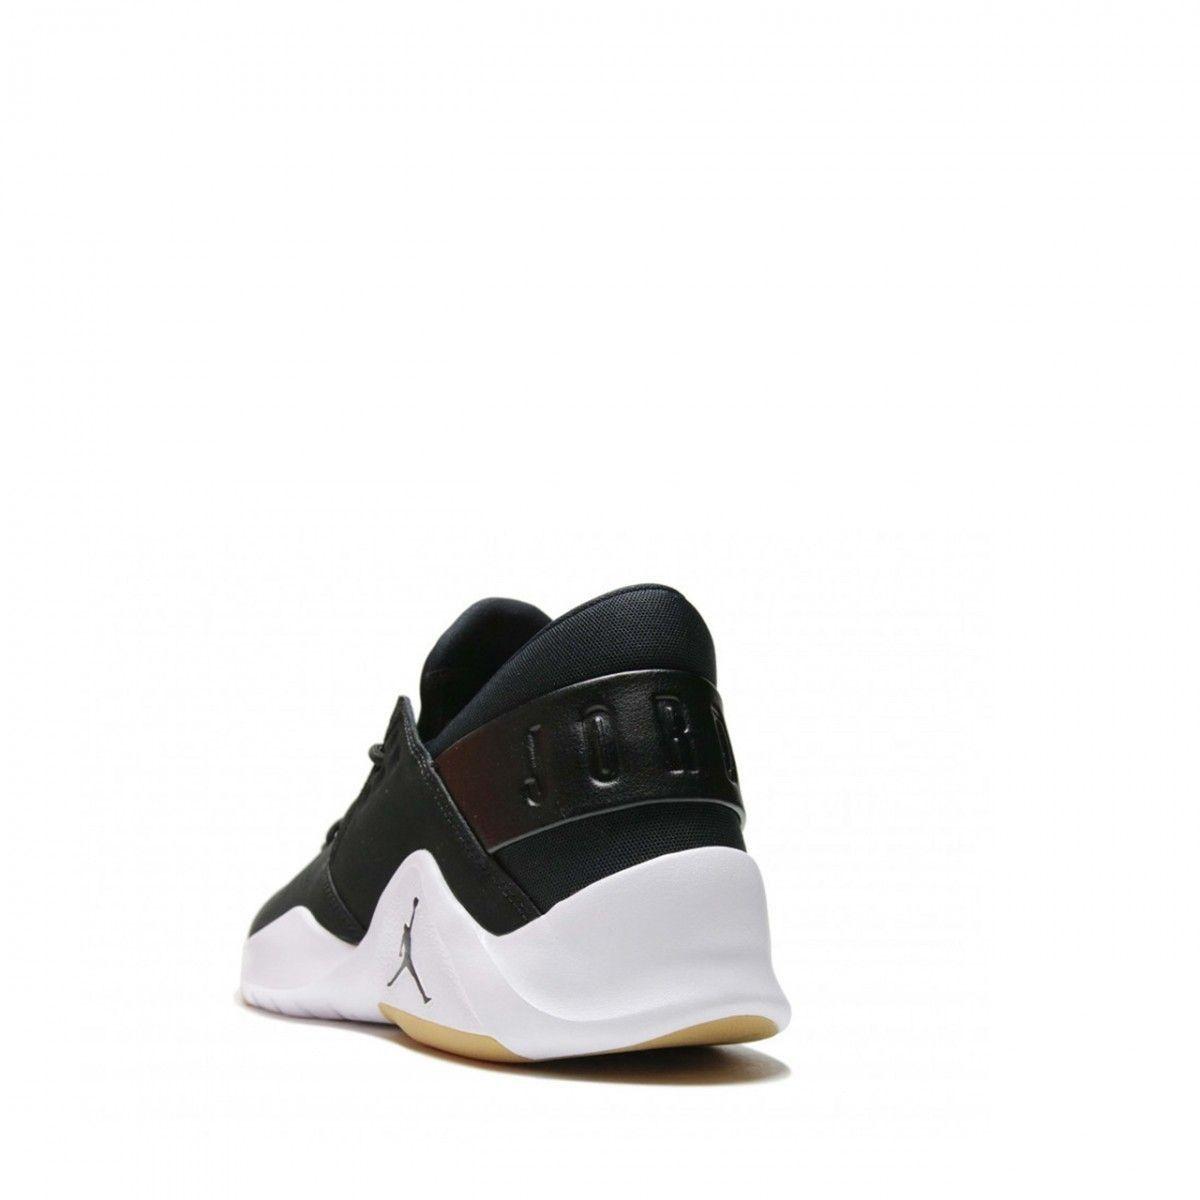 Baskets Nike Jordan Flight Fresh Ref. Aa2501 005 Taille